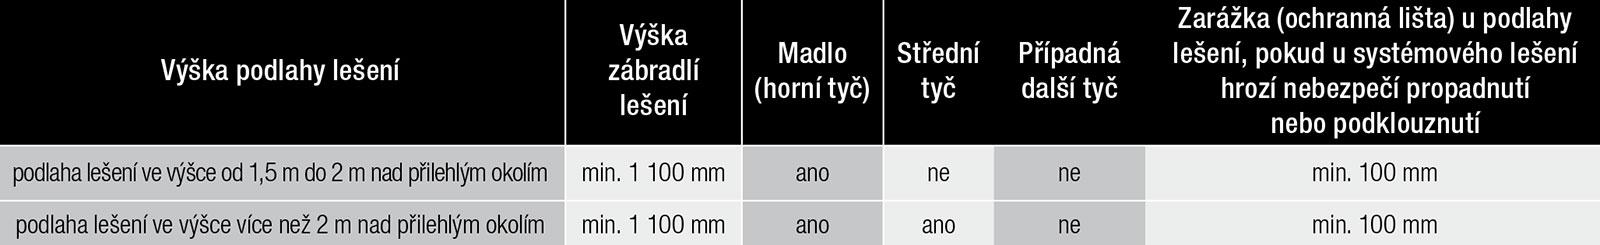 Tab. 4 Minimální požadavky na konstrukci zábradlí a zarážky u podlahy systémového lešení